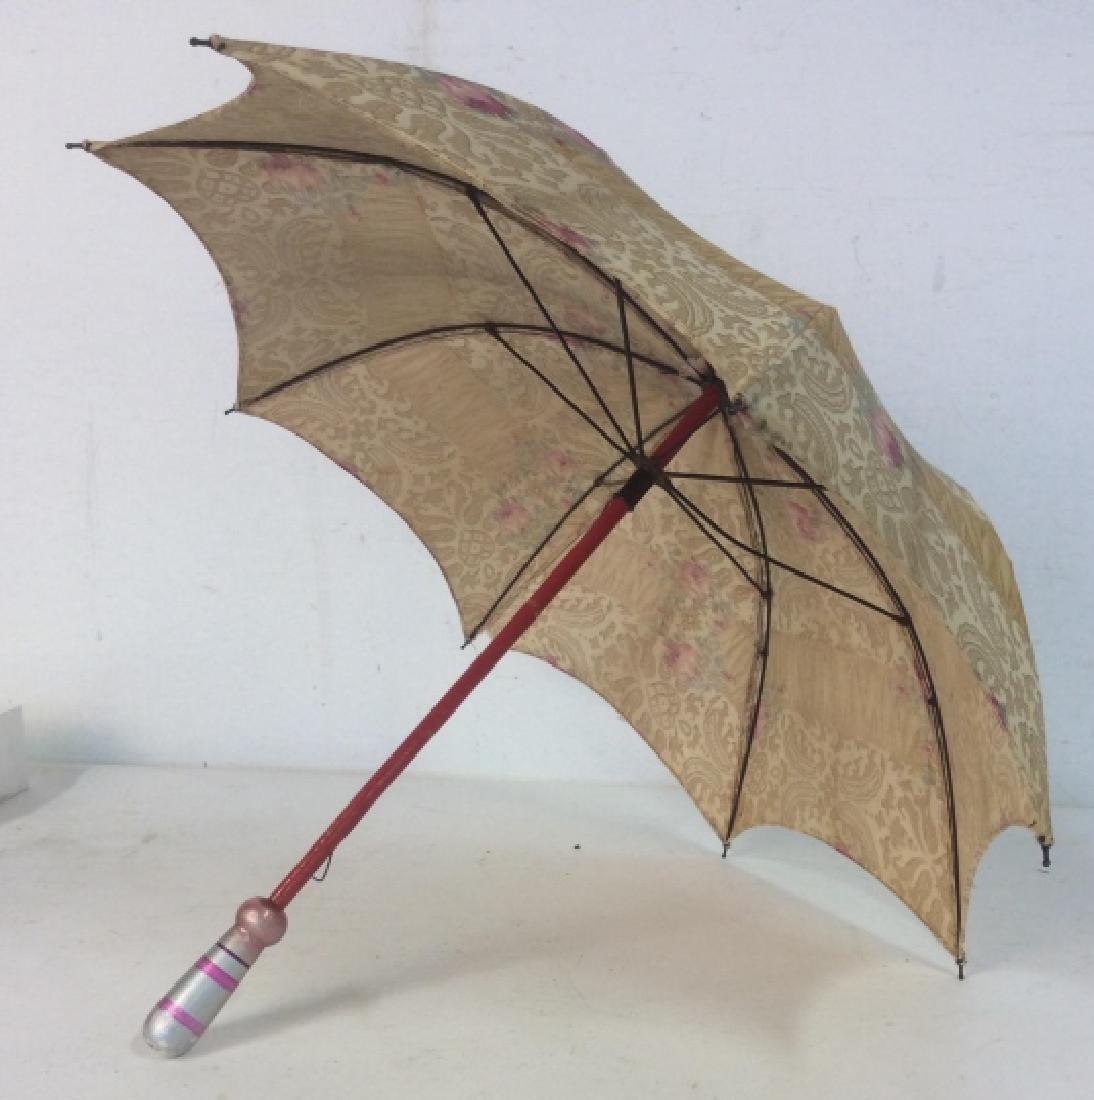 Antique Child's Parasol Umbrella - 8